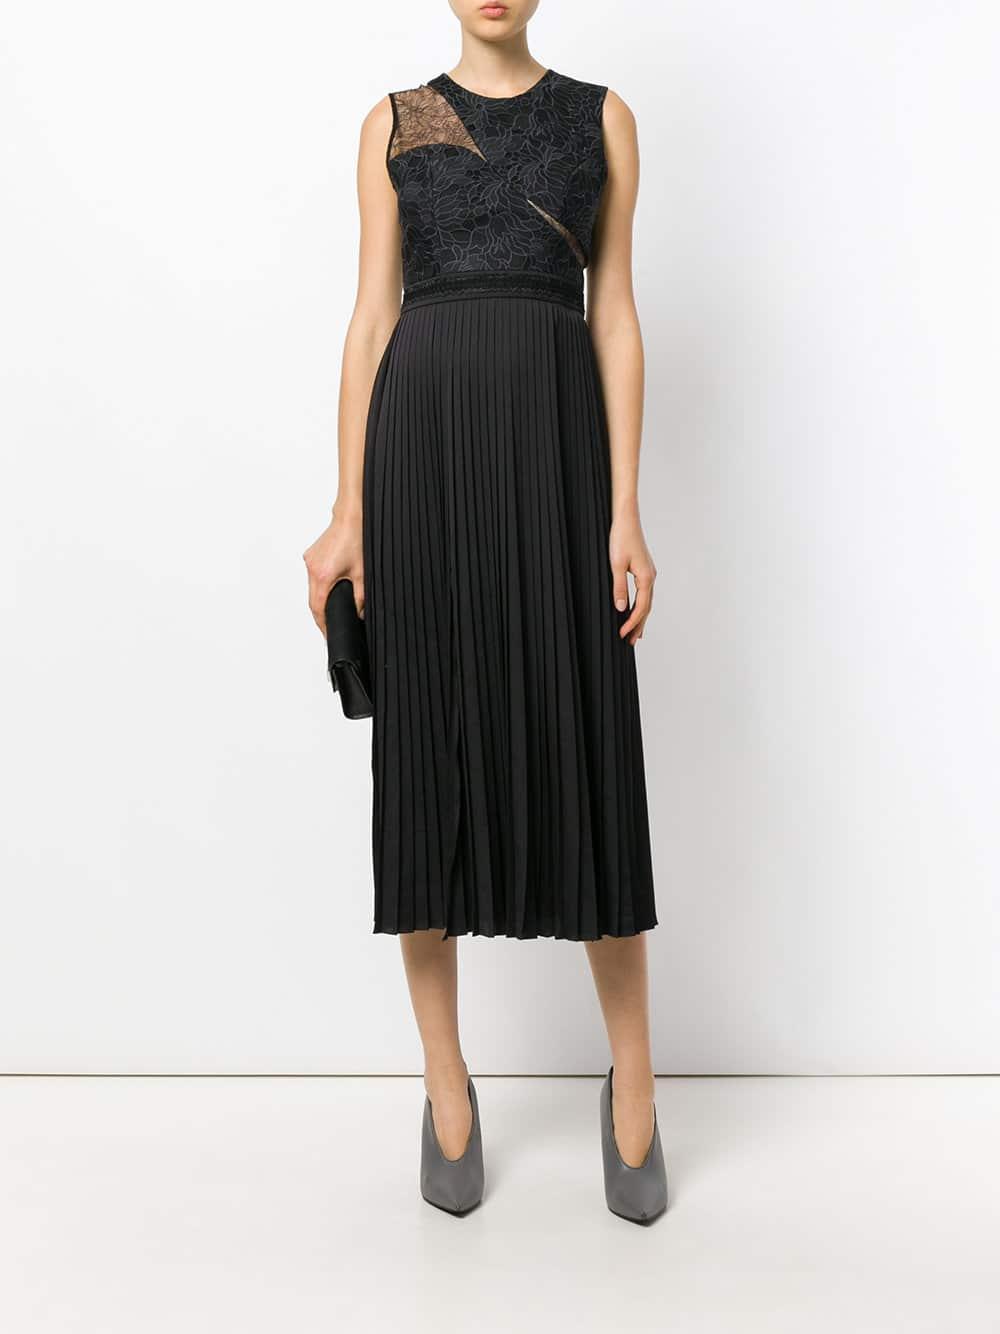 THREE FLOOR Noir Night Pleated Black Dress